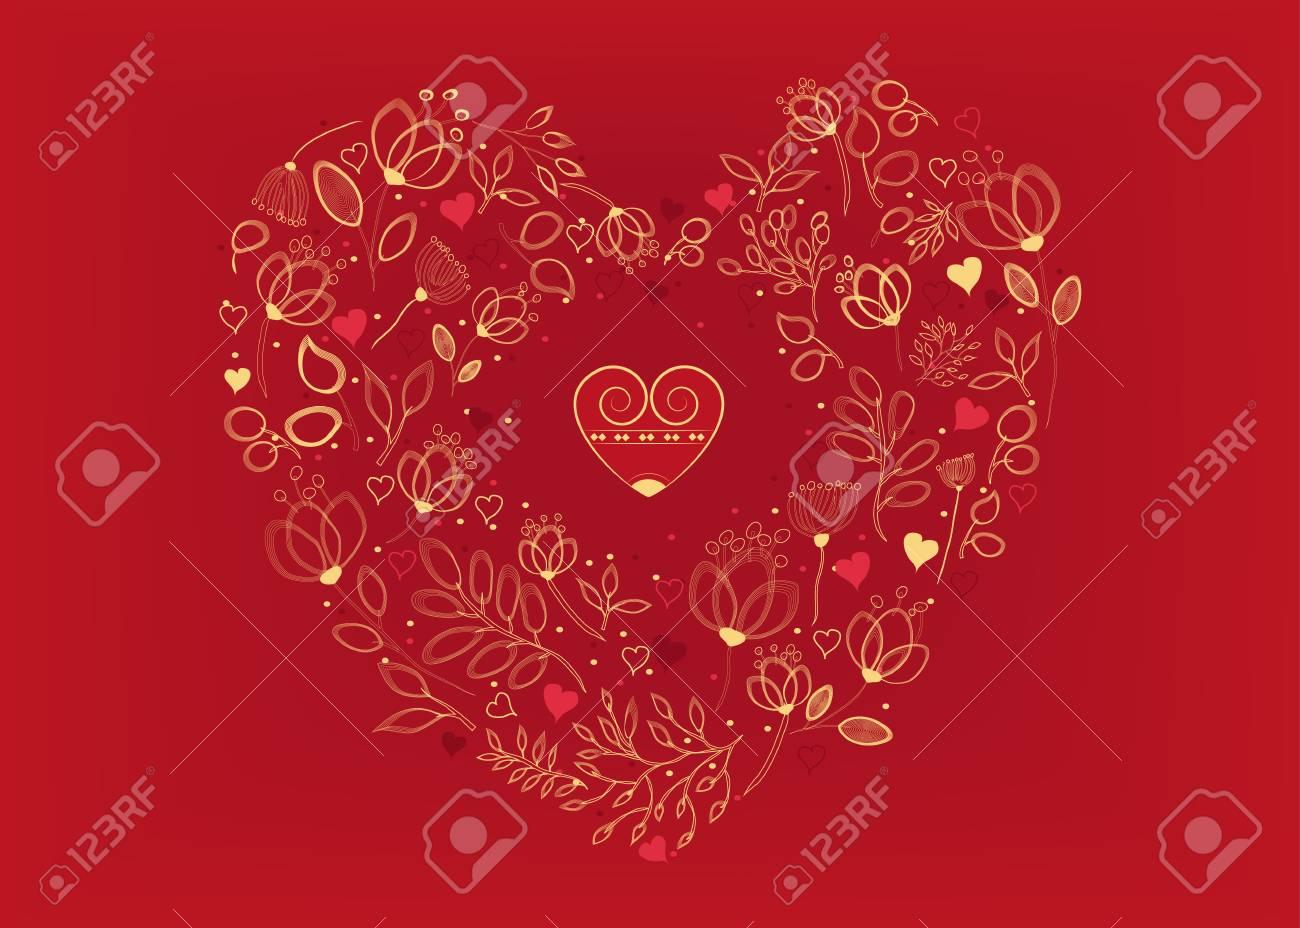 Corazón Floral Con Corazones Pequeños Flores Agraciadas Amarillas